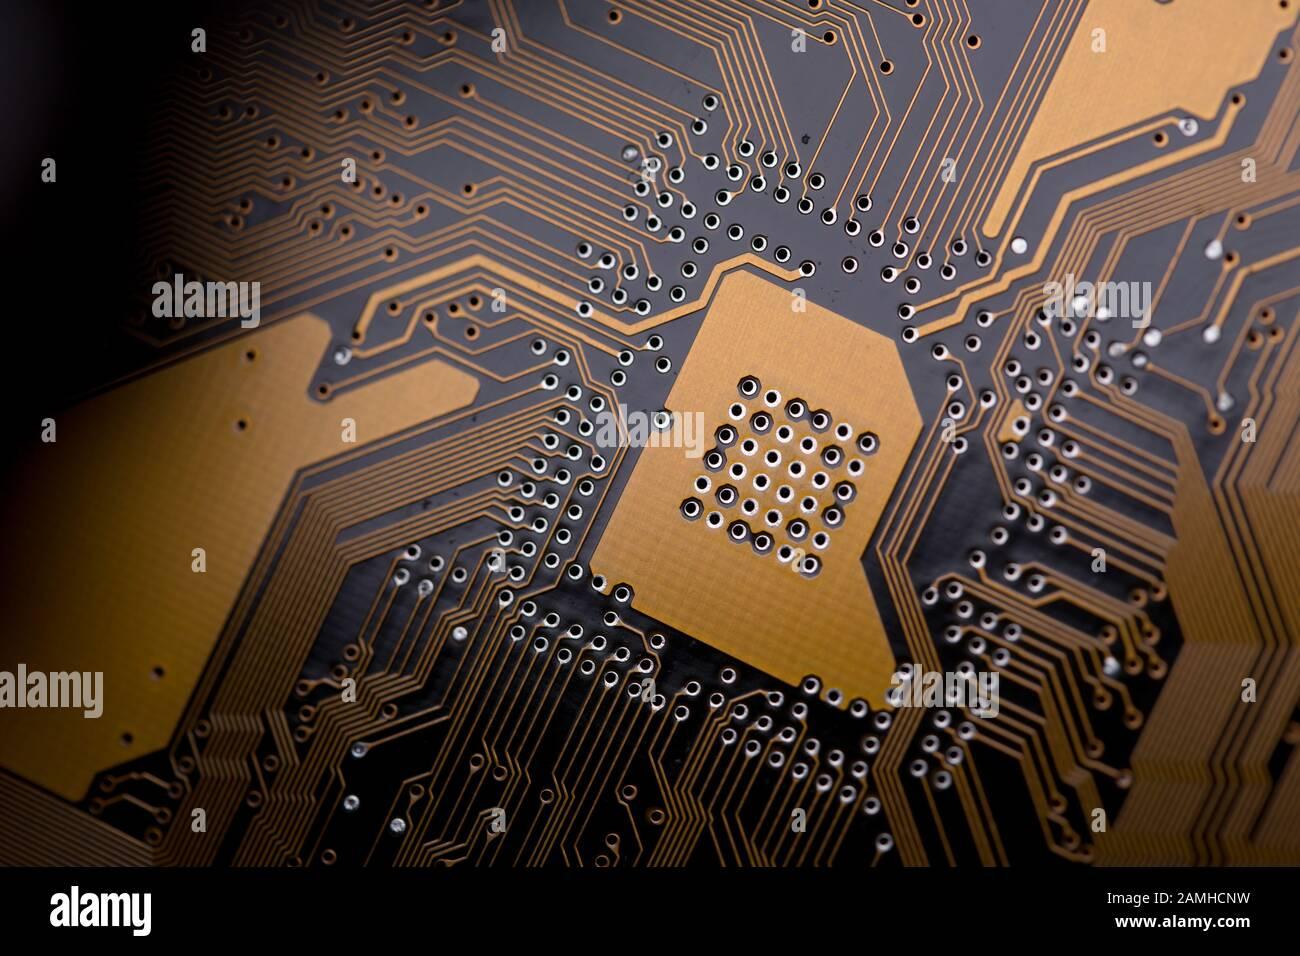 Texture d'arrière-plan abstraite de la carte de circuits imprimés. Macro gros plan. Ci orange. Son effet délavé est coupé. Banque D'Images